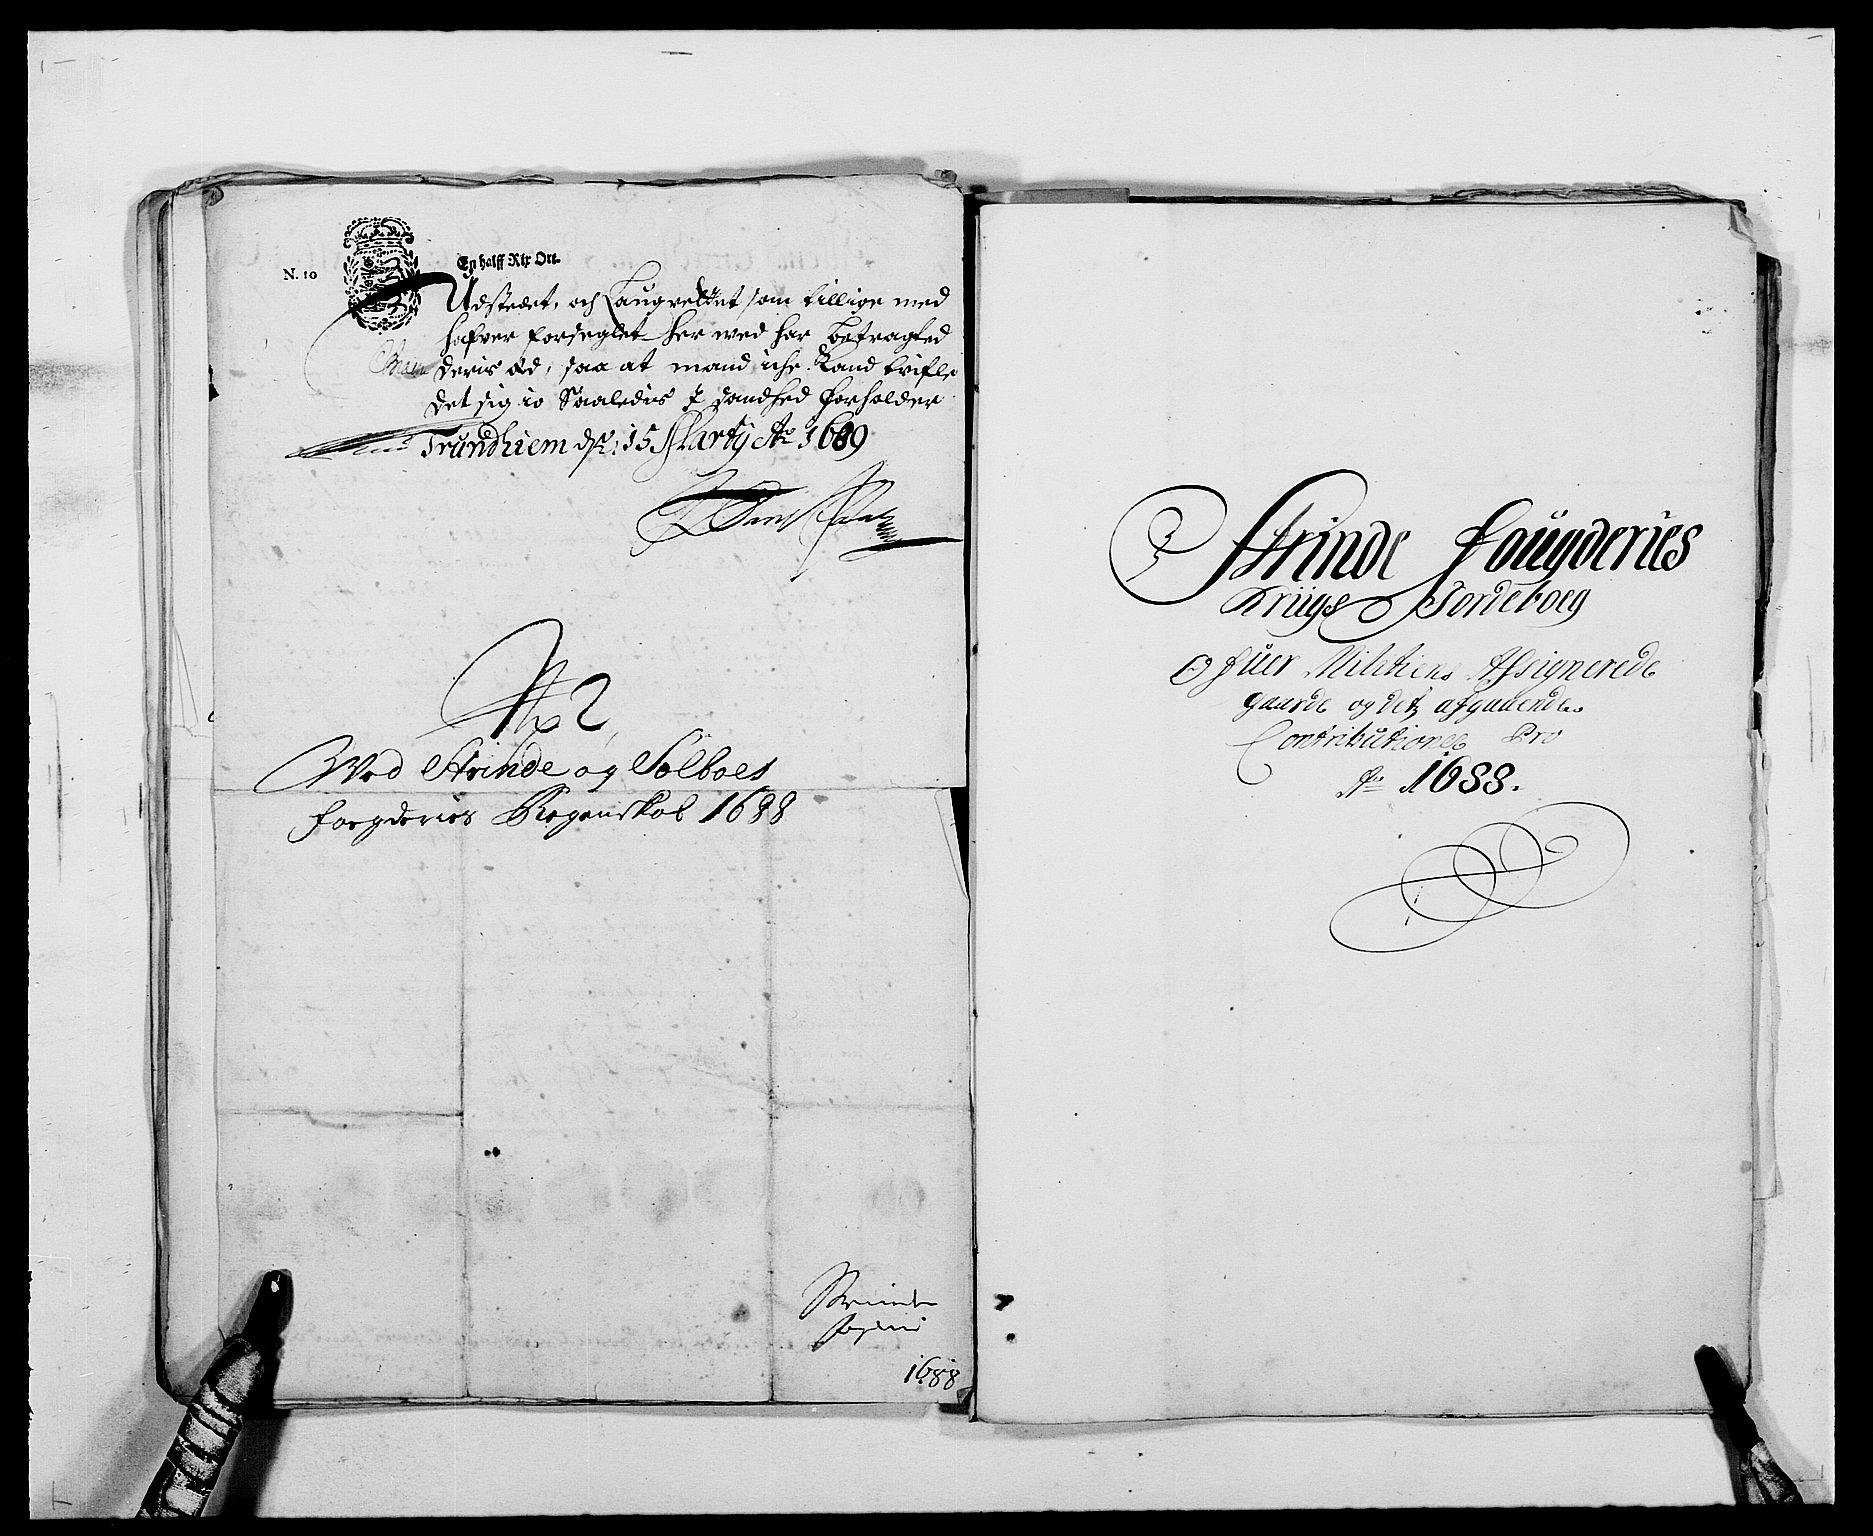 RA, Rentekammeret inntil 1814, Reviderte regnskaper, Fogderegnskap, R61/L4101: Fogderegnskap Strinda og Selbu, 1687-1688, s. 255